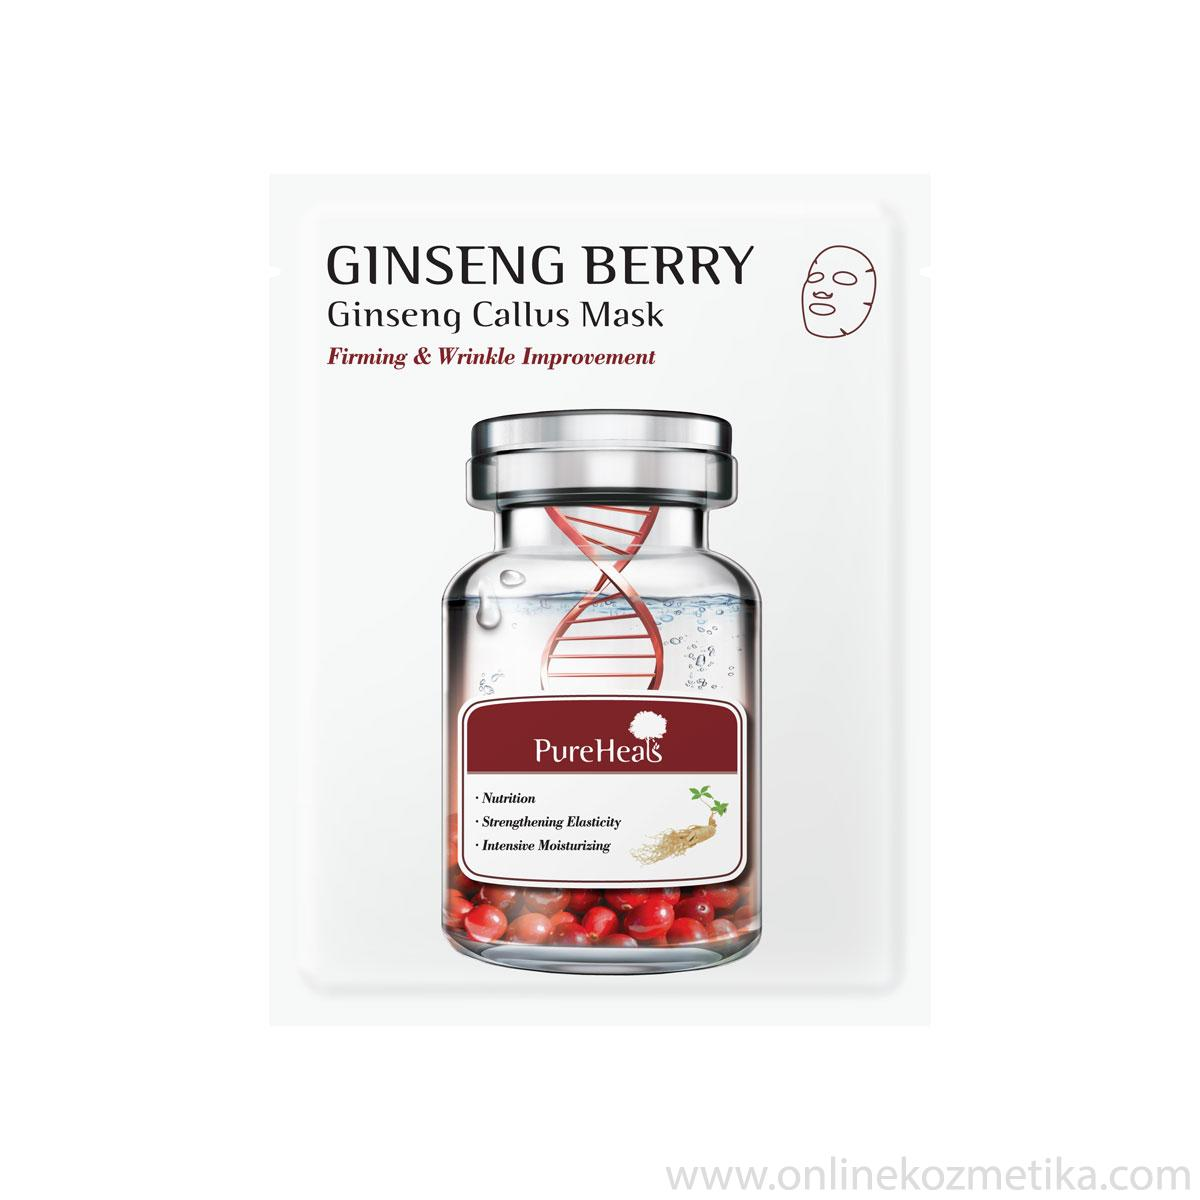 Pureheals Ginseng Berry Ginseng Callus Mask 25gr